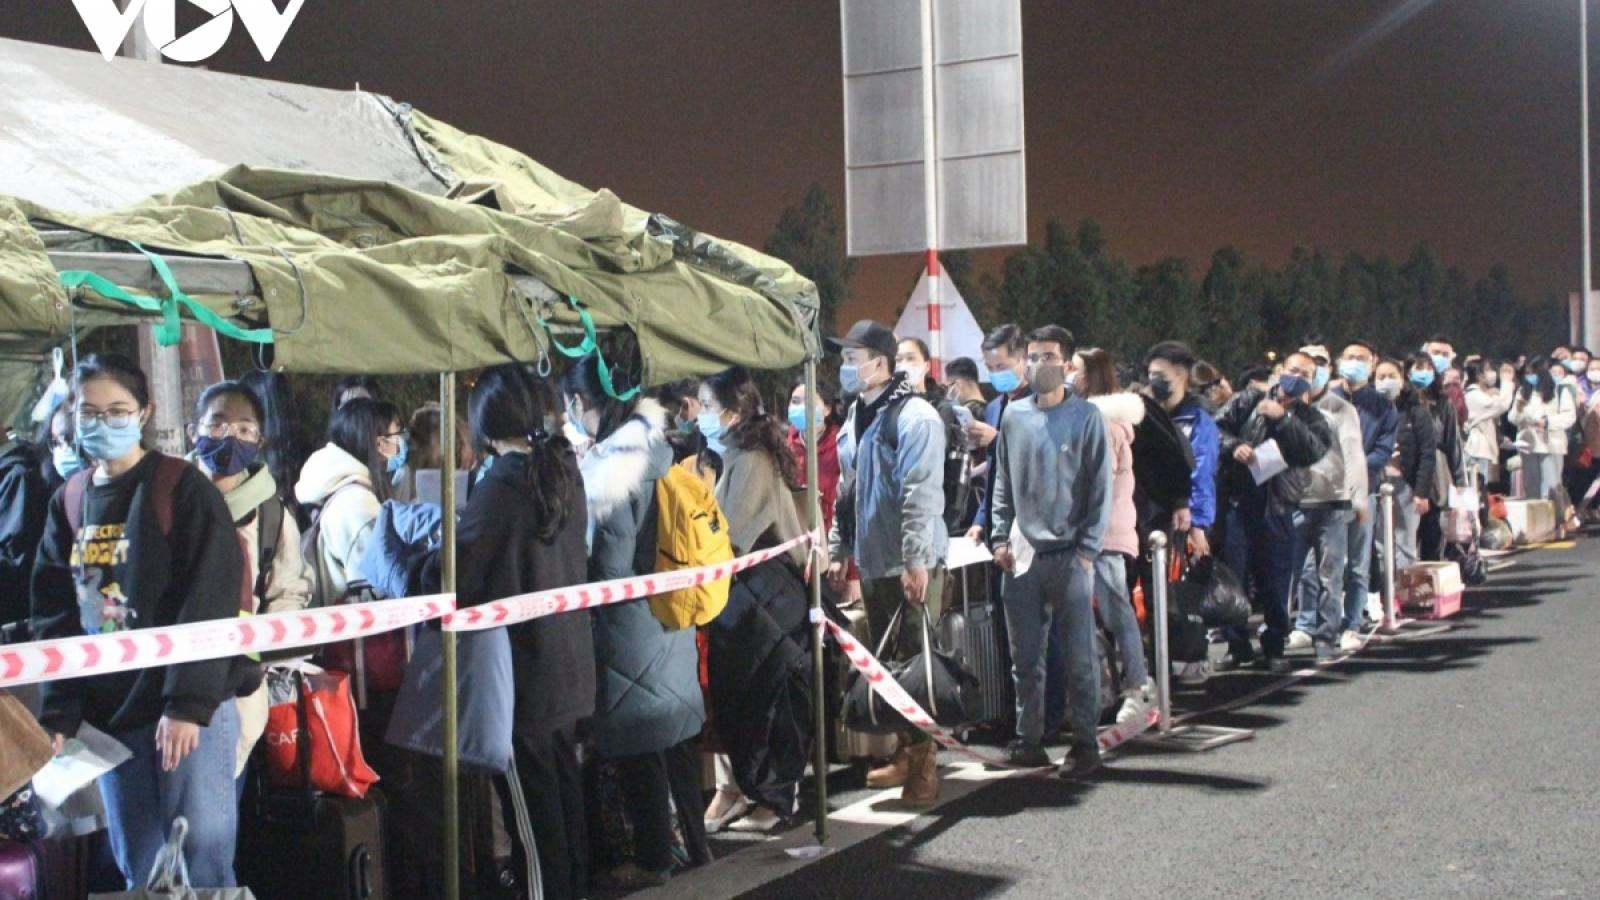 Bất chấp dịch bệnh, người dân vẫn cố rời Quảng Ninh về quê ăn Tết